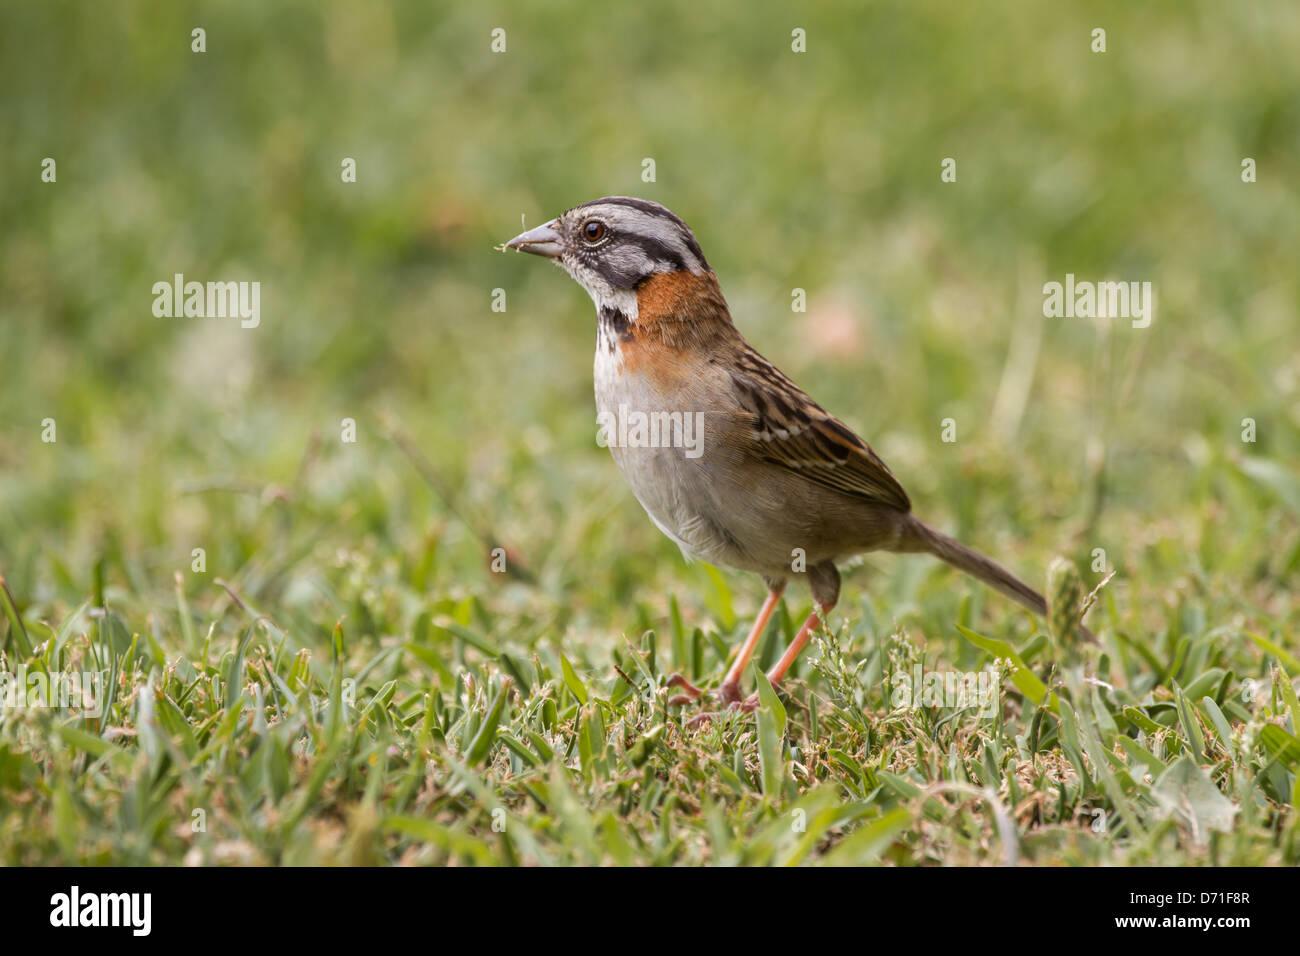 Rufous-collared Sparrow (Zonotrichia capensis) Stock Photo